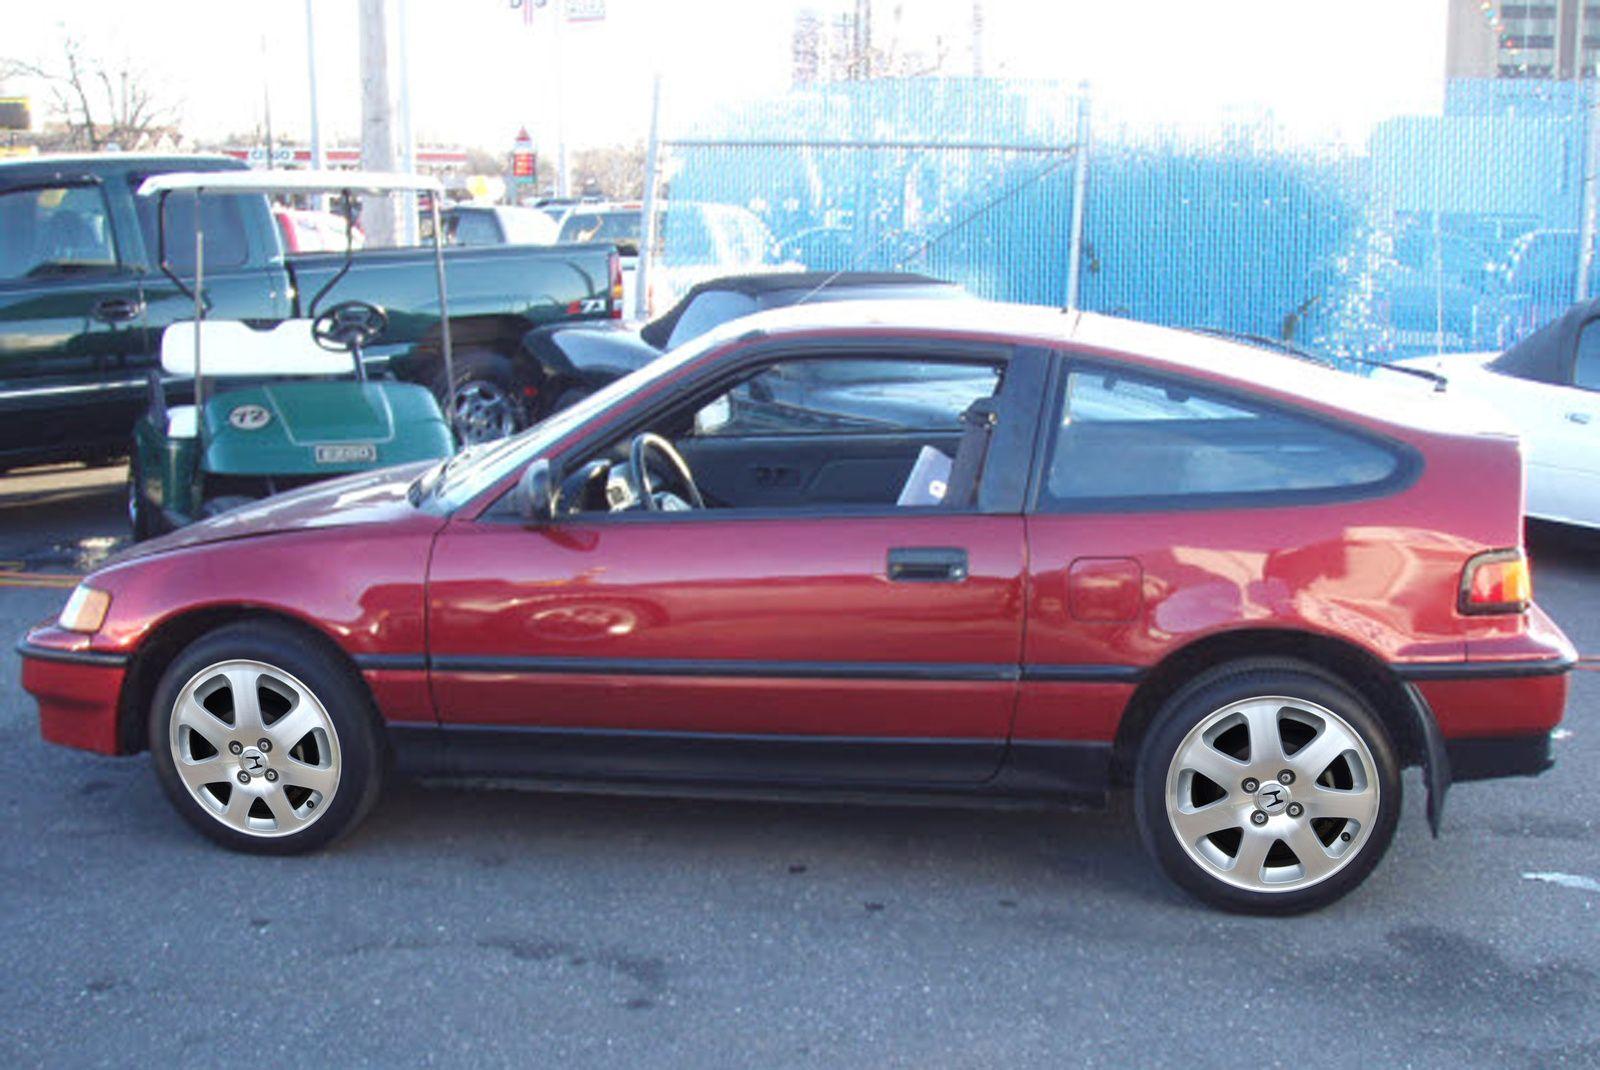 Kelebihan Kekurangan Honda Civic 1991 Spesifikasi